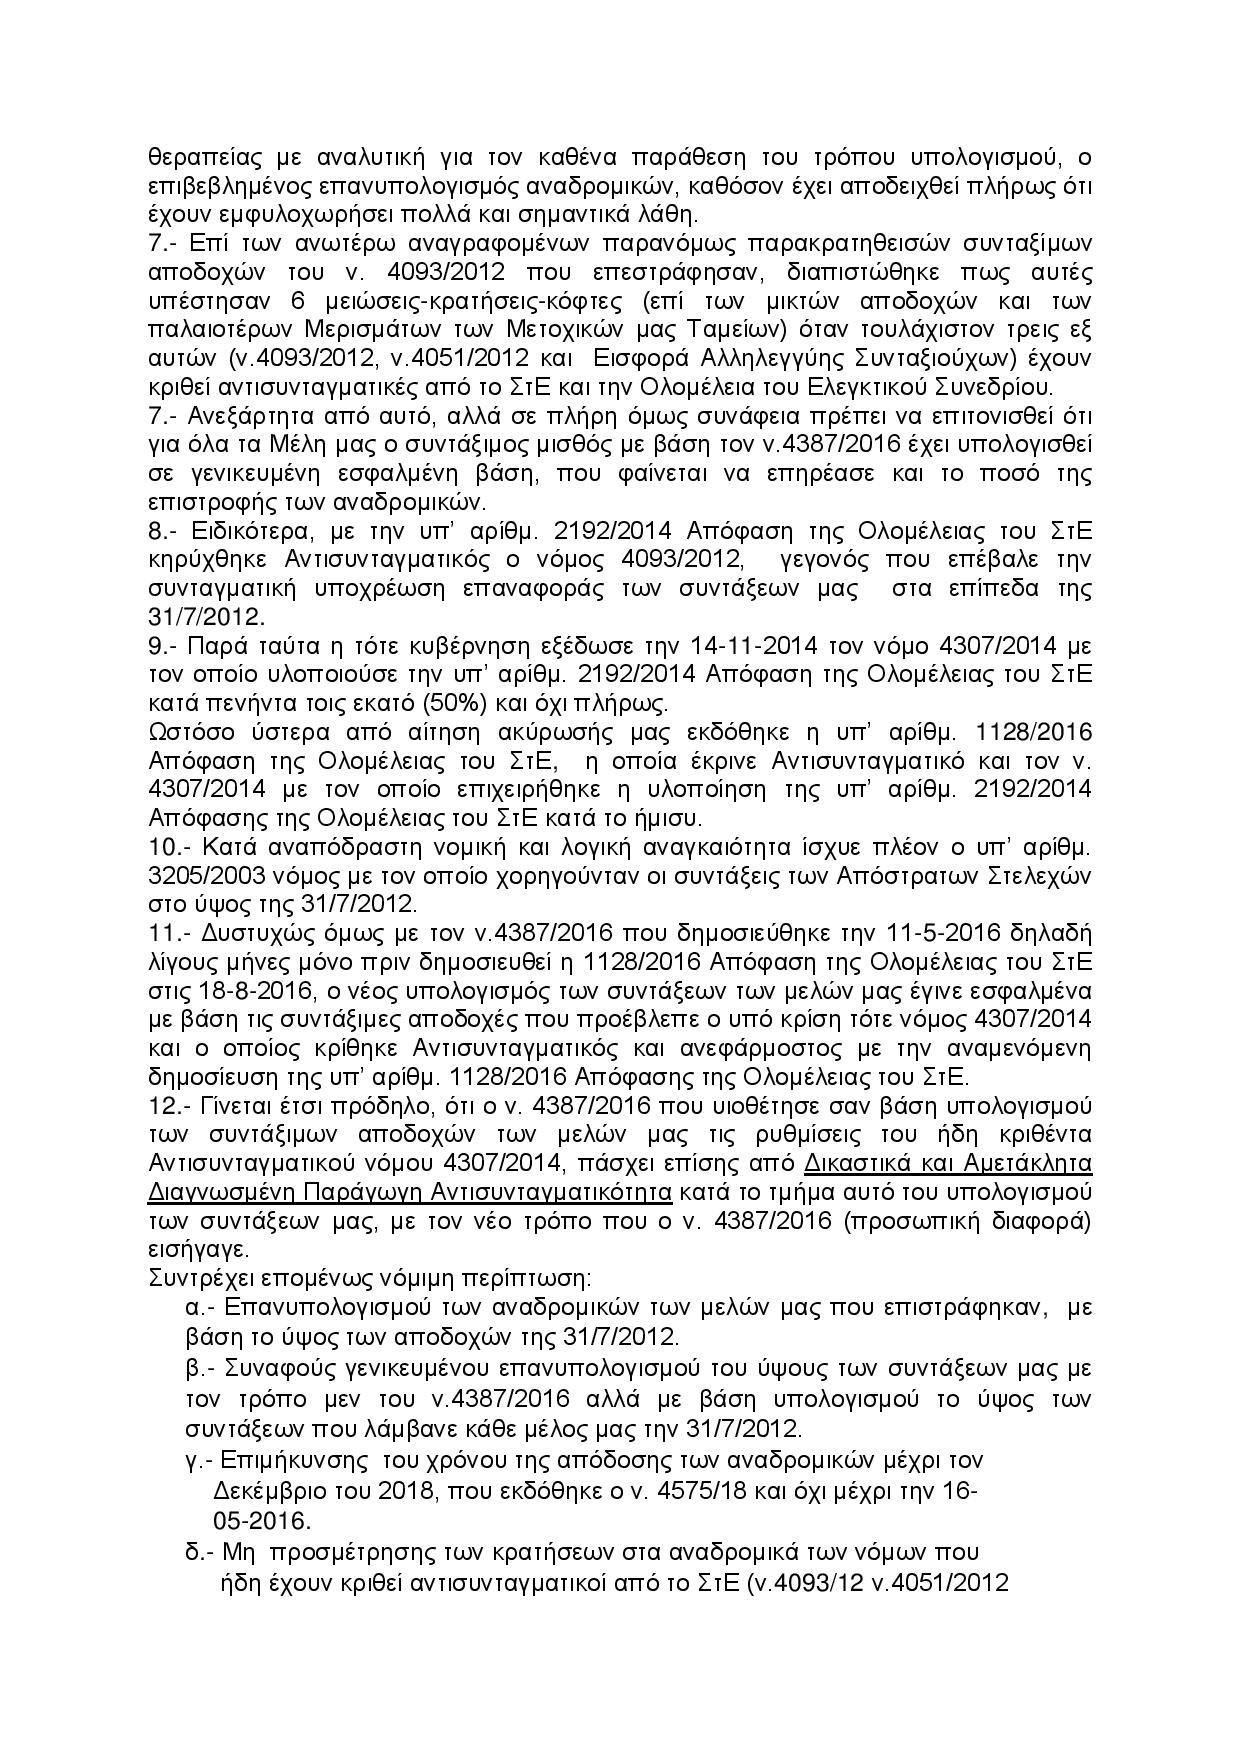 ΕΣΦΑΛΜΕΝΑ ΠΟΣΑ ΑΝΑΔΡΟΜΙΚΩΝ_ΥΠΟΙΚ_68Σ_22ΙΑΝ19 (σελ.2)